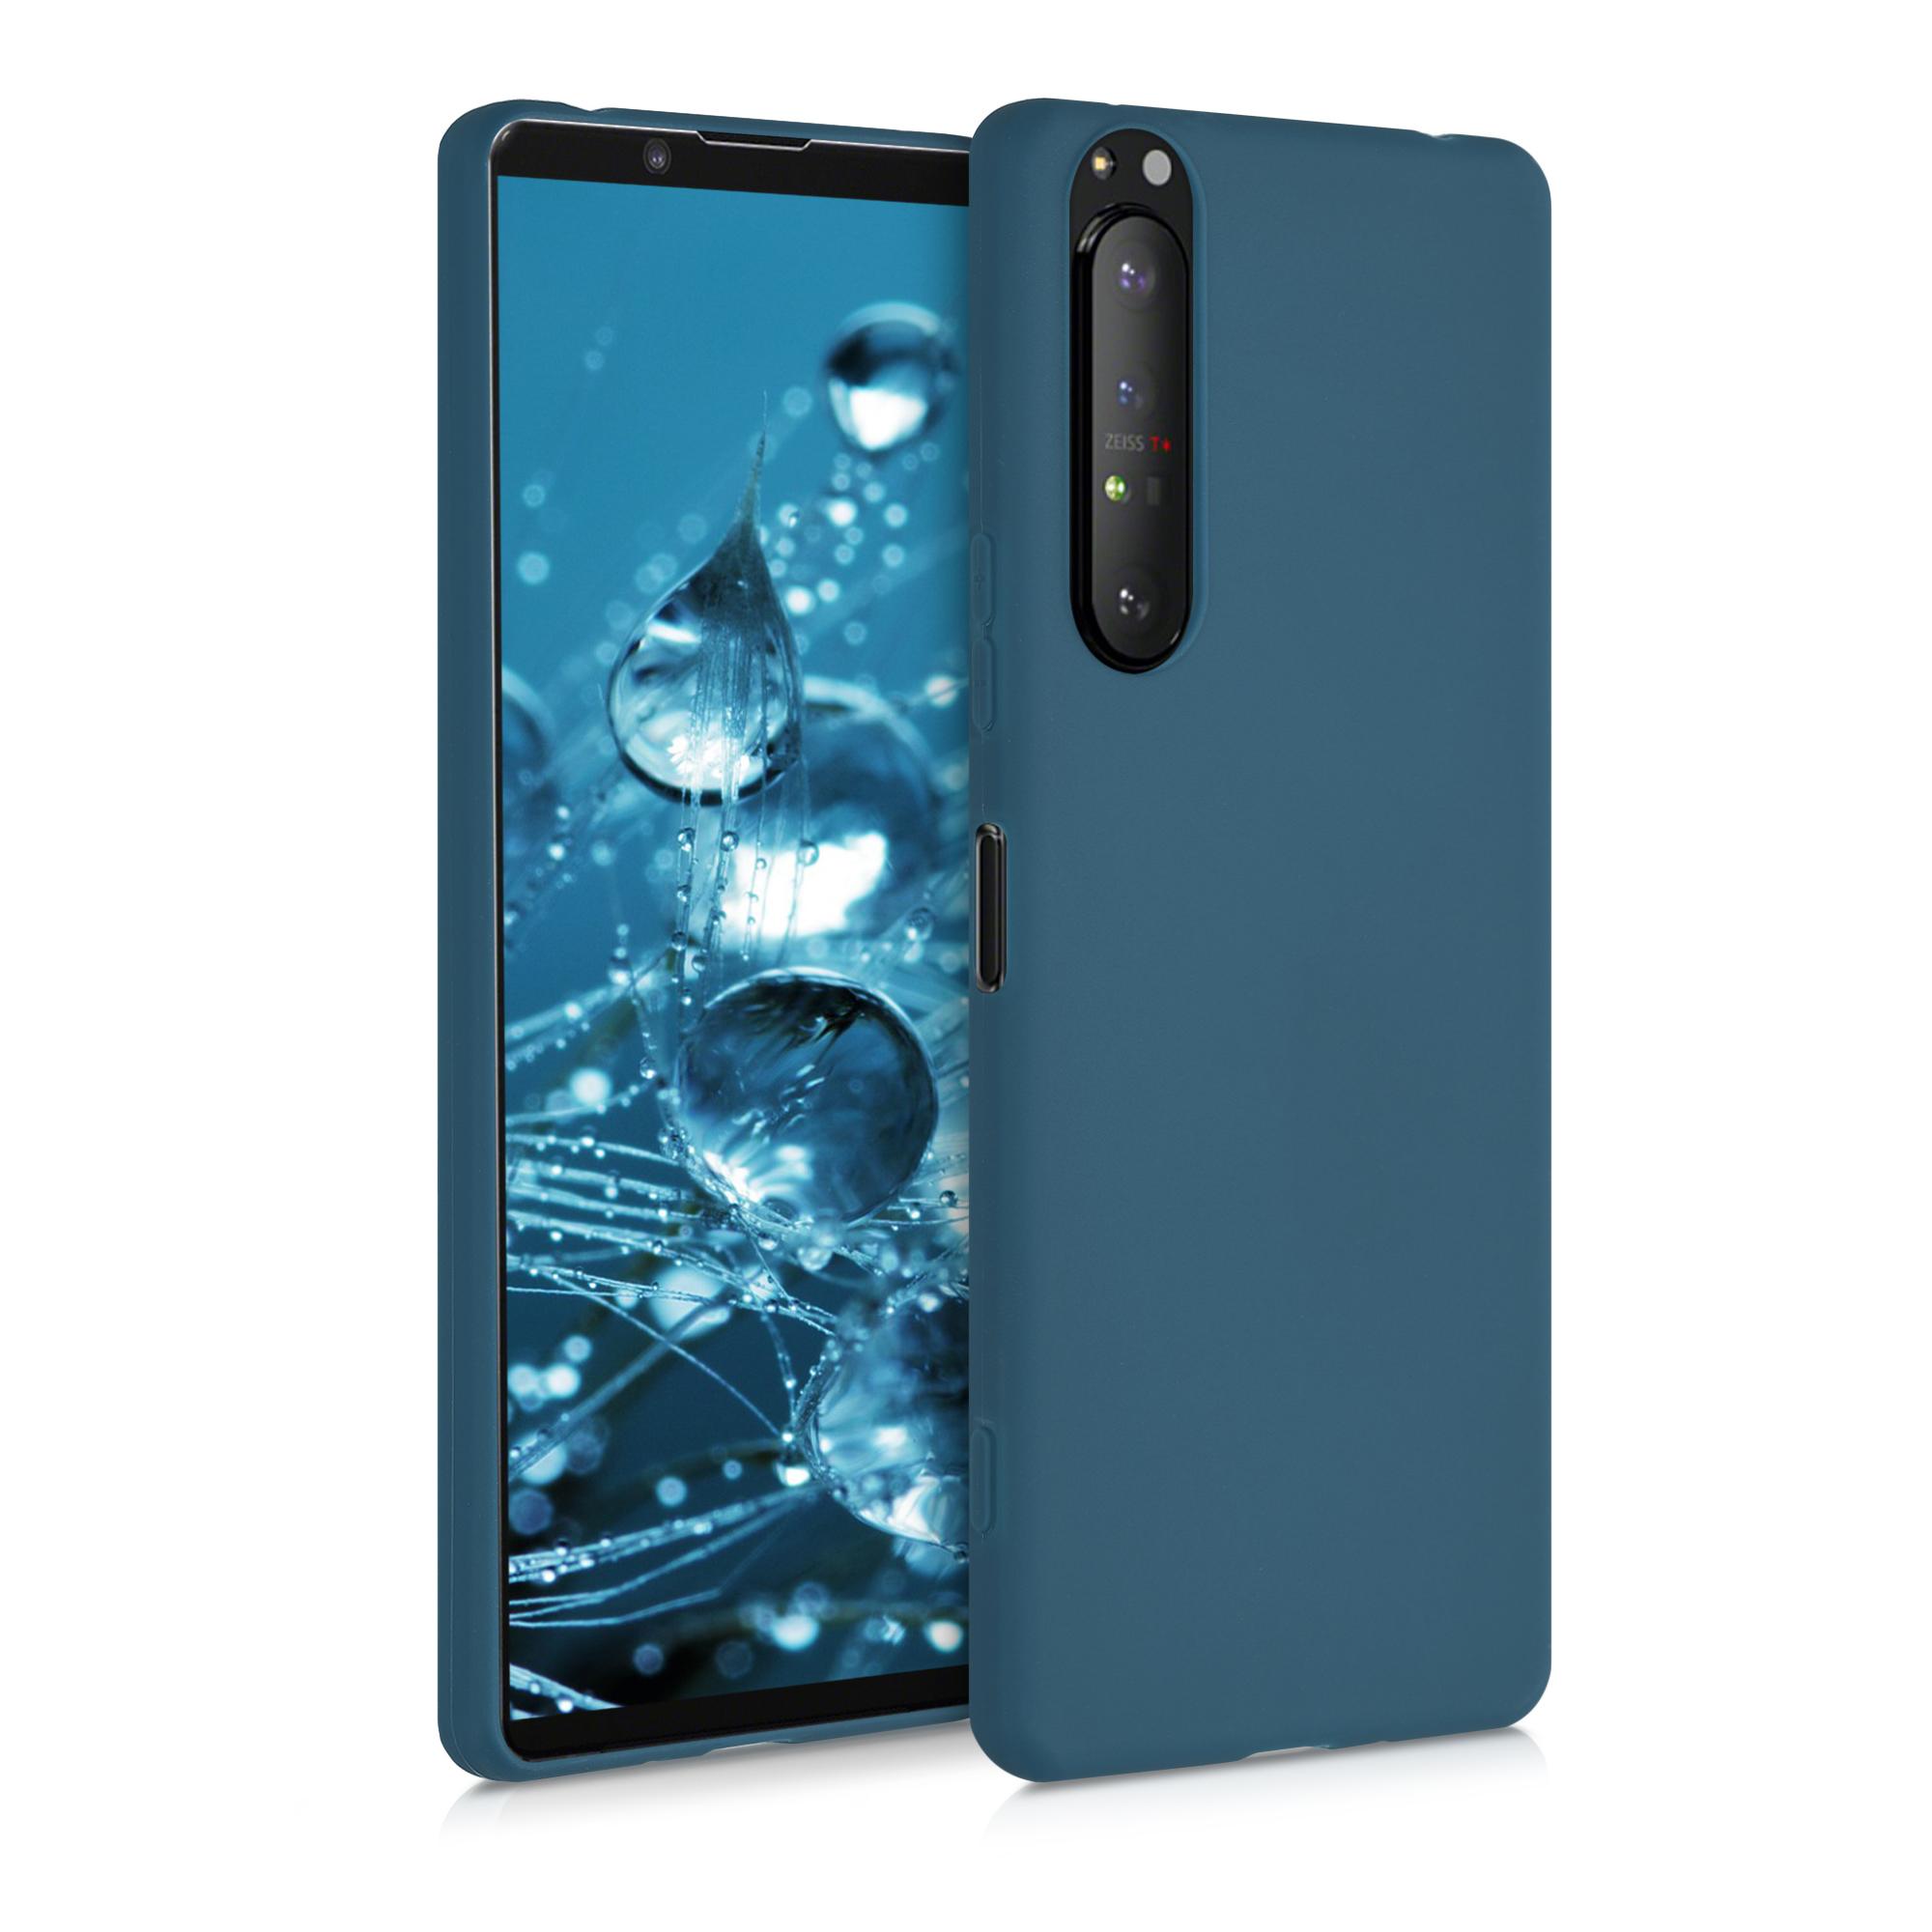 AKCE! Kvalitní silikonové TPU pouzdro | obal pro Sony Xperia 1 II - tmavě modré